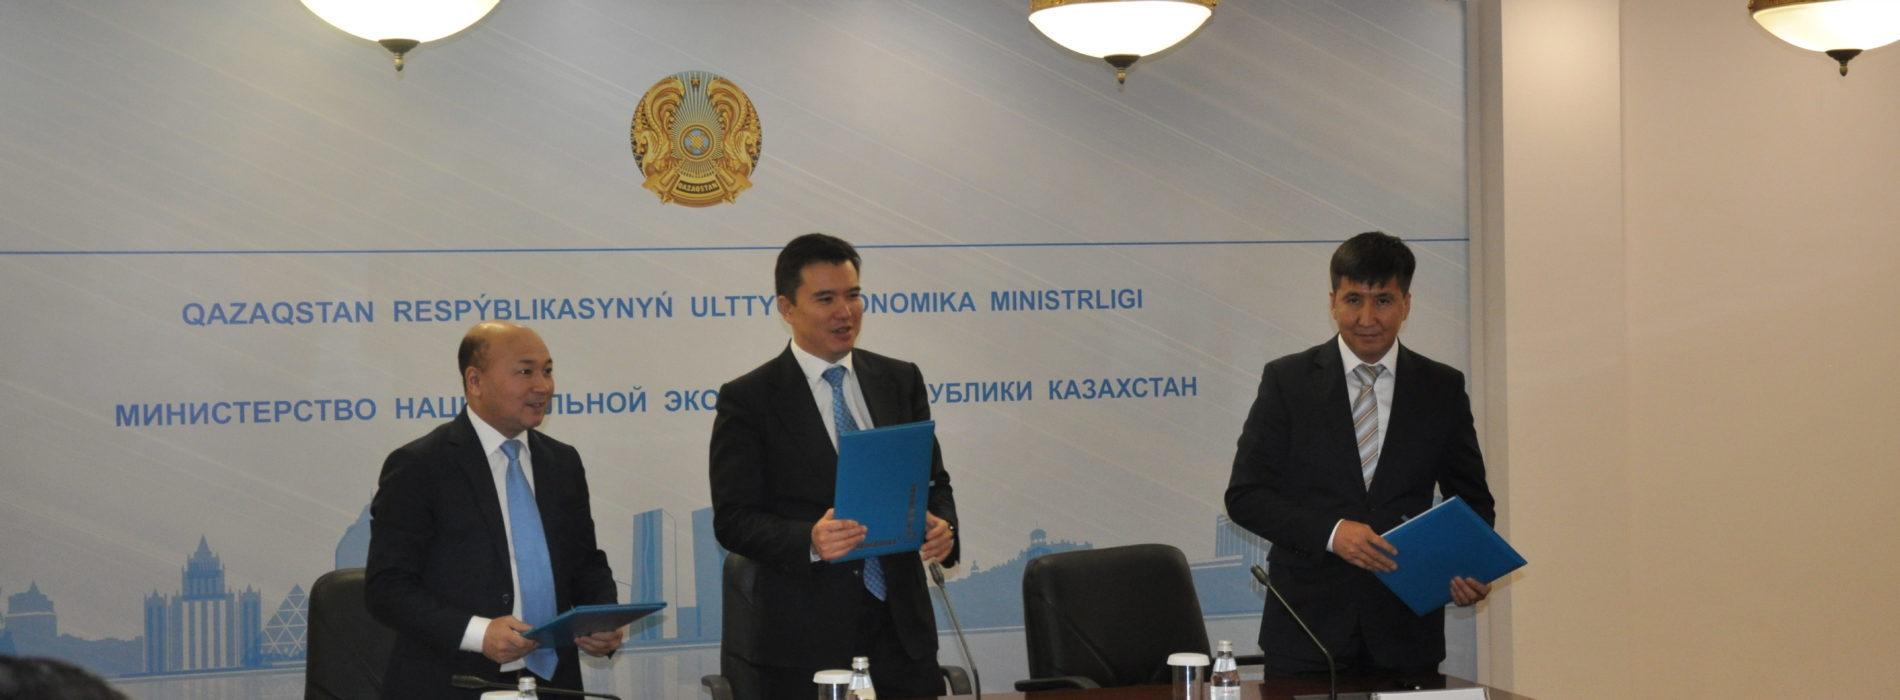 Антикоррупционный медиа-центр и Министерство национальной экономики договорились о сотрудничестве